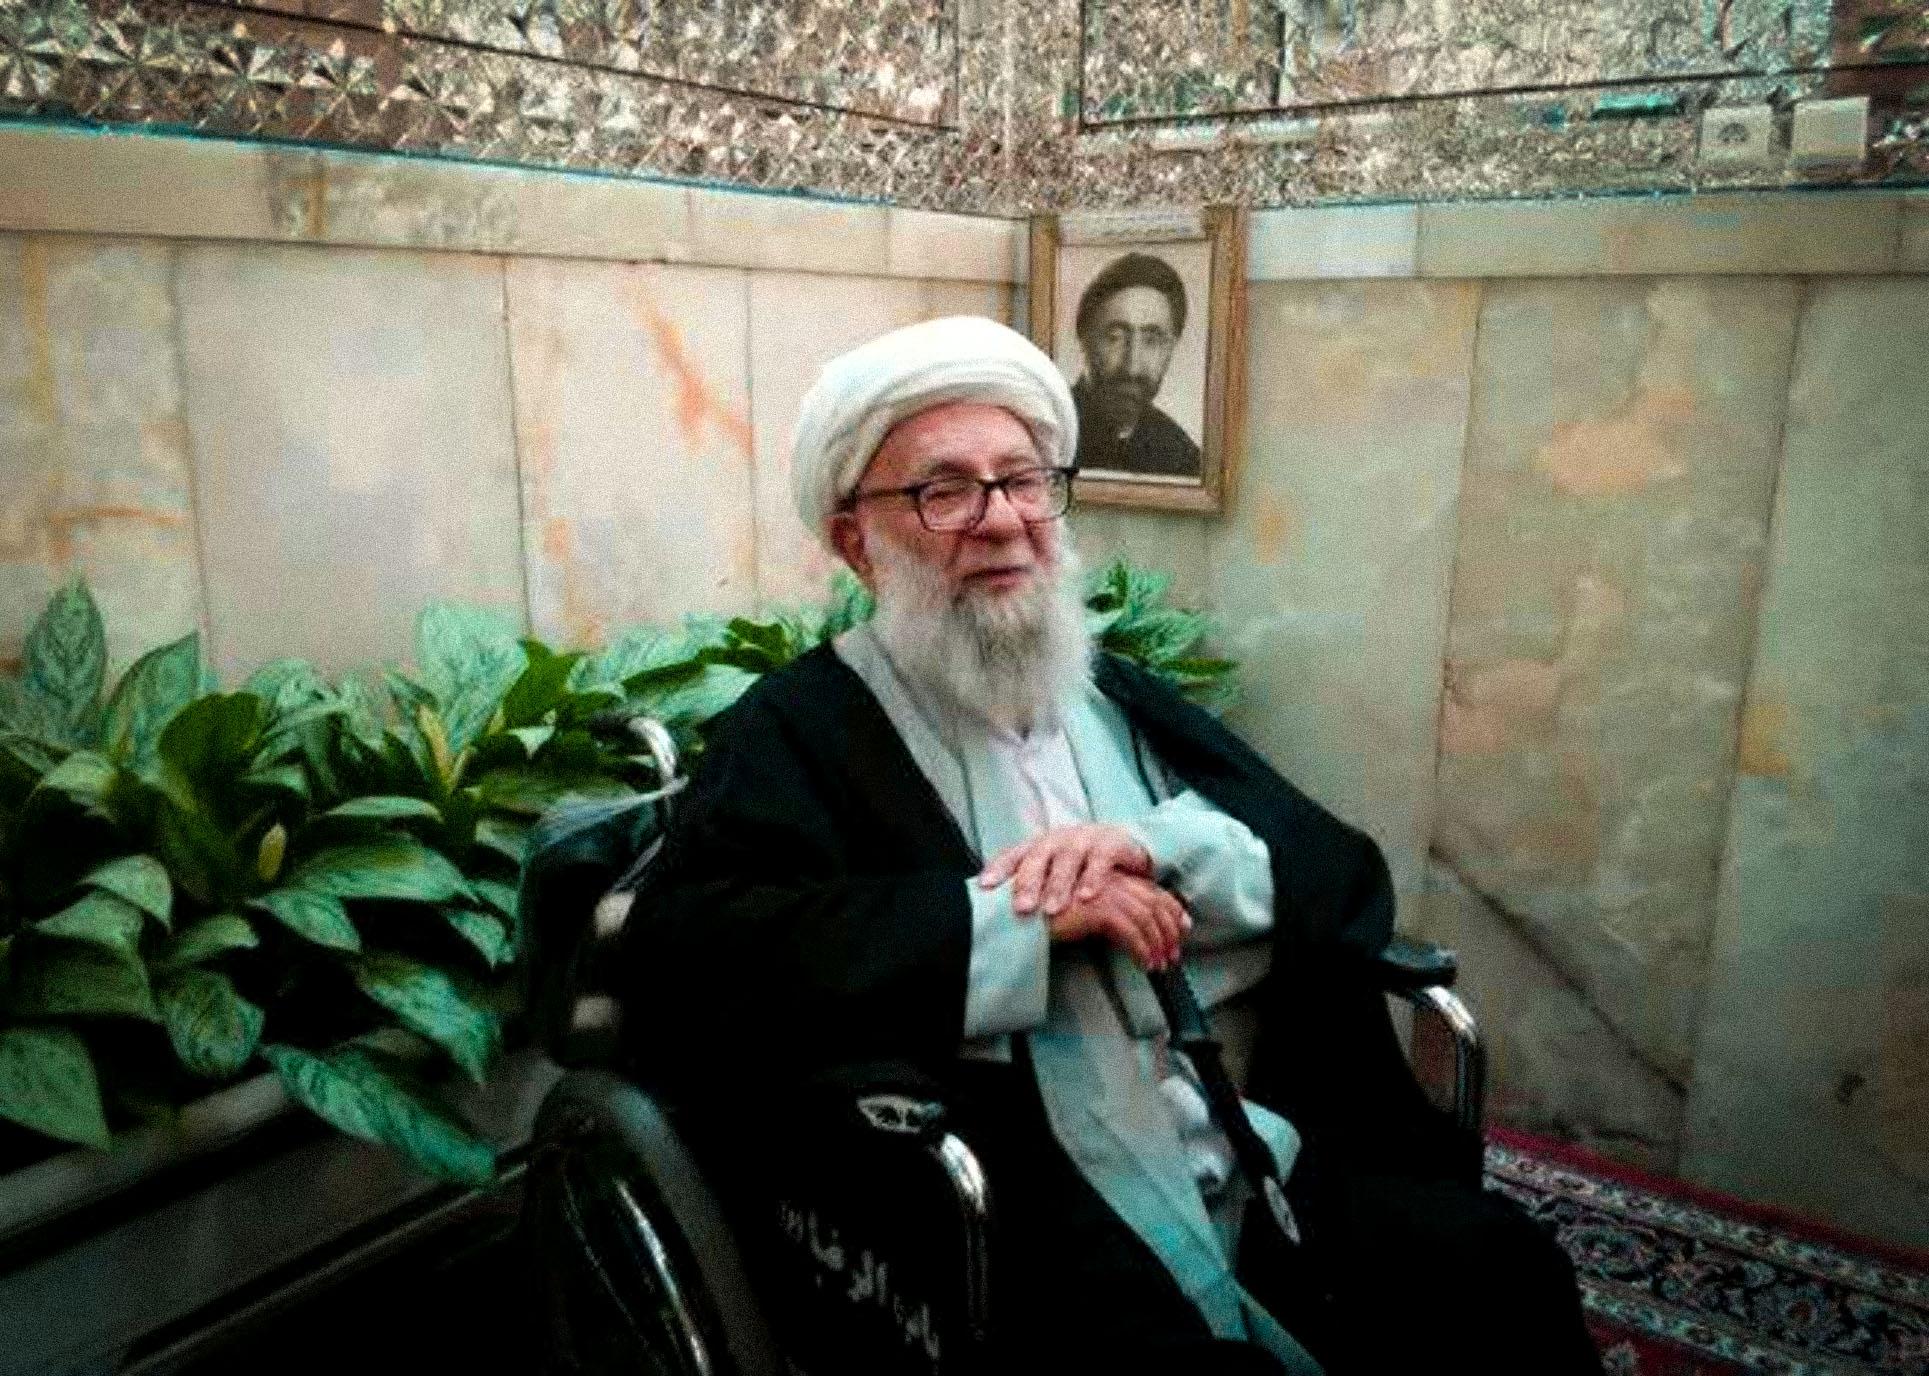 پیام تسلیت نماینده مقام معظم رهبری در گیلان درپی ارتحال آیت الله شریفی اشکوری